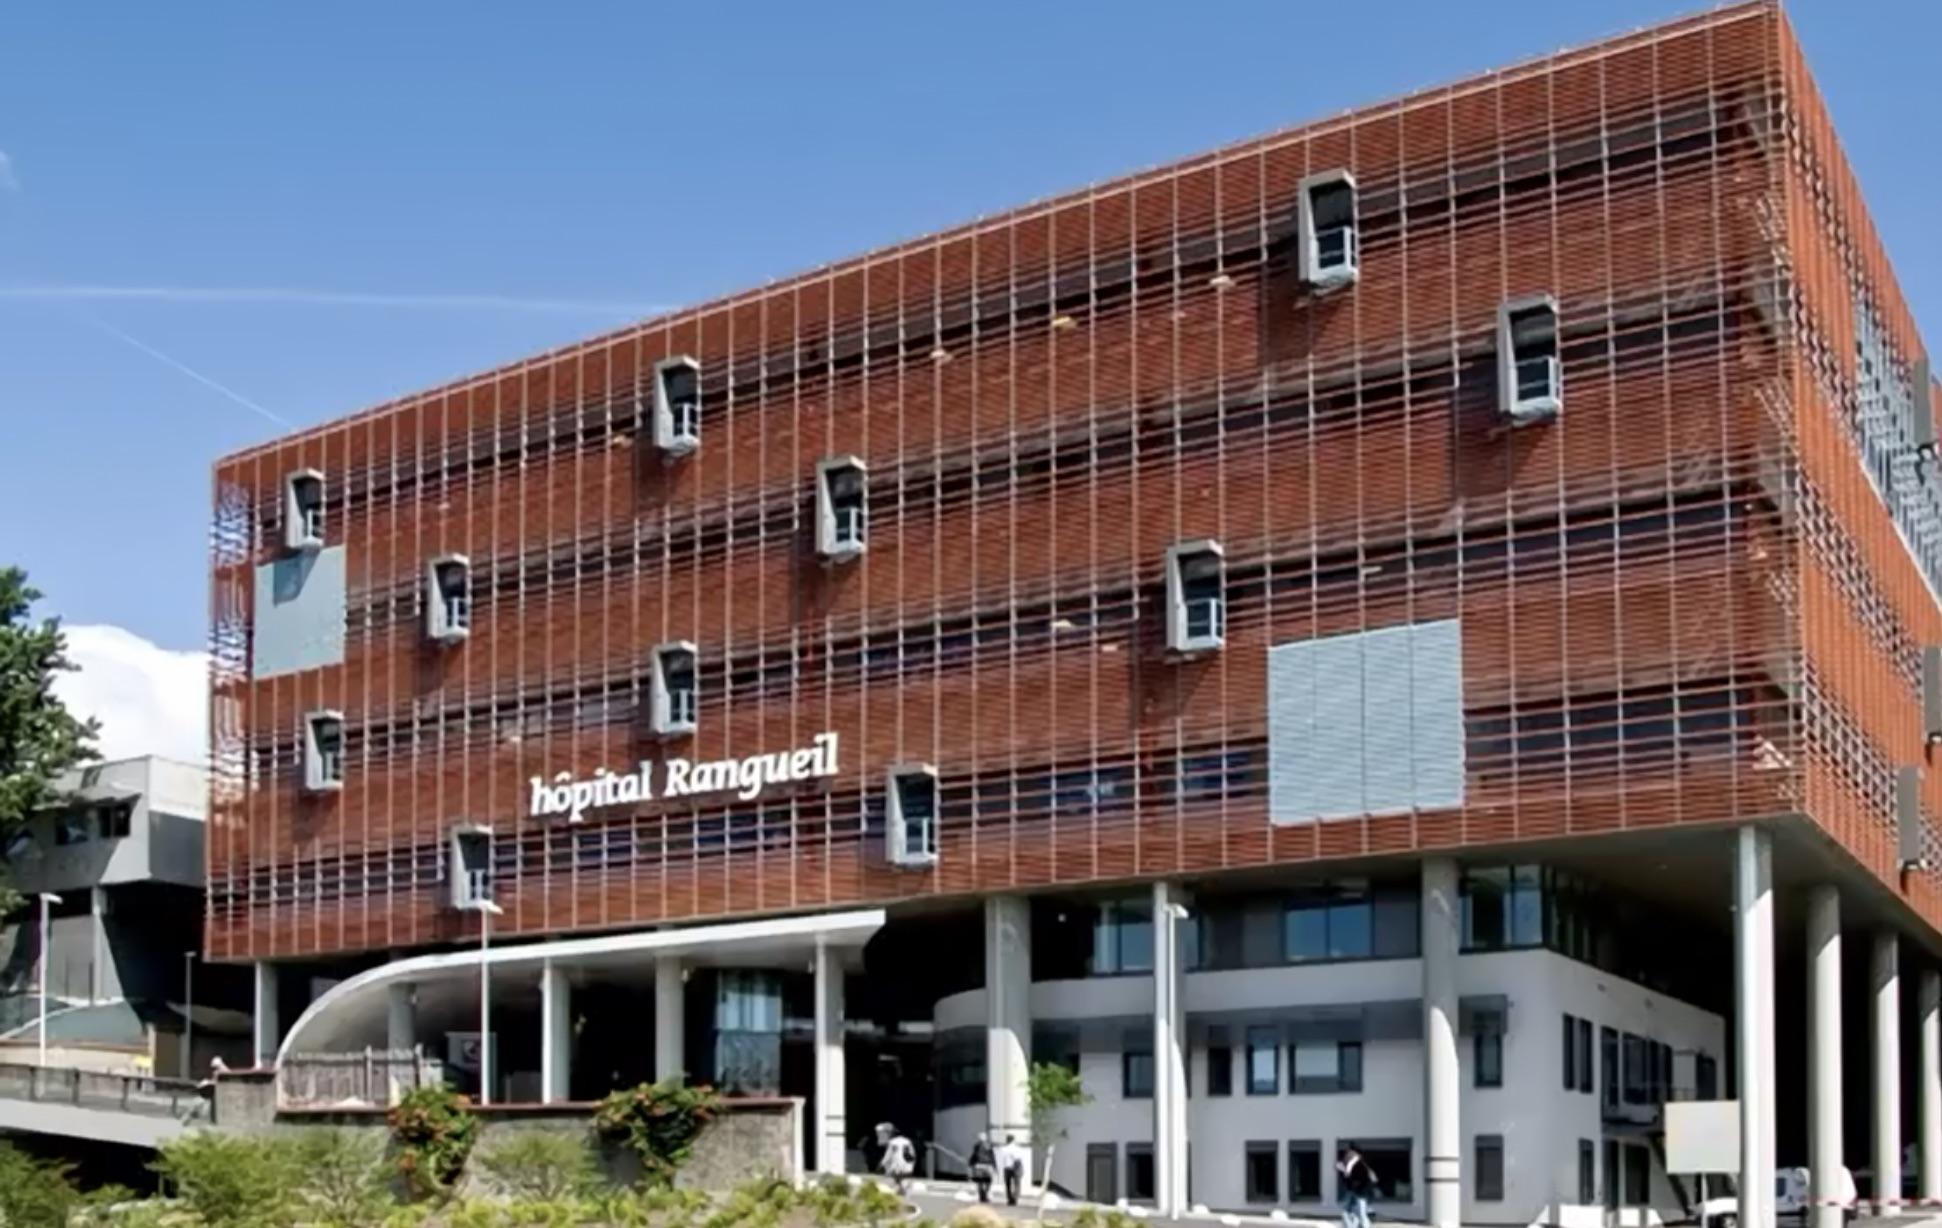 En fin de semaine dernière, la direction de l'hôpital de Toulouse, en Haute-Garonne, a fait le point sur l'activité hospitalière liée à la Covid-19. Si le nombre d'admissions liées à la Covid-19 est en légère baisse depuis une quinzaine de jours, le plateau reste très élevé. Une nouvelle population plus jeune, le plus souvent atteinte d'obésité massive, apparaît dans les lits de réanimation.